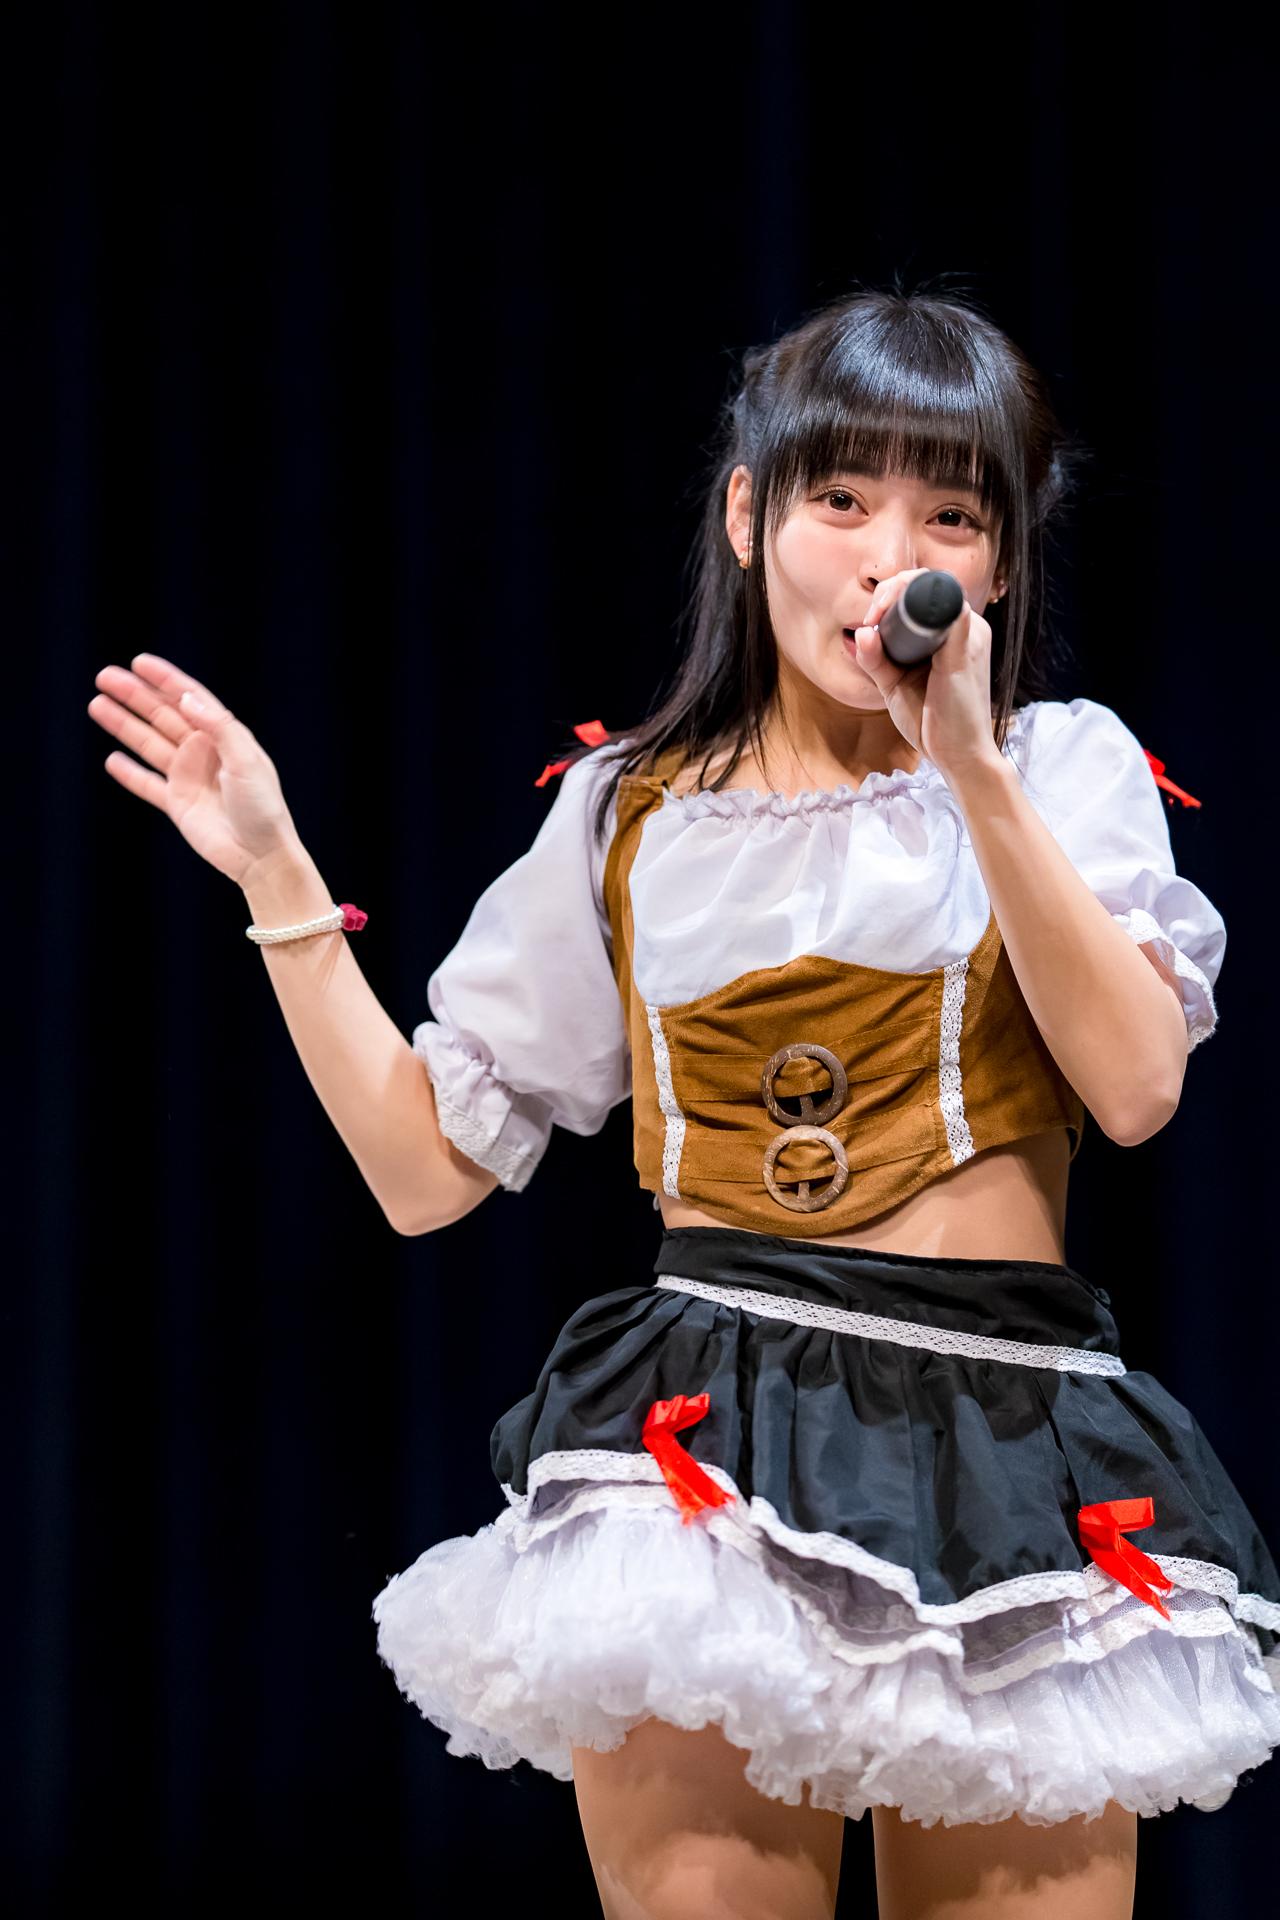 2代目HAPPY少女♪ ゆいな ( 宮崎ゆいな ) | ウイングベイ小樽ヲタル座